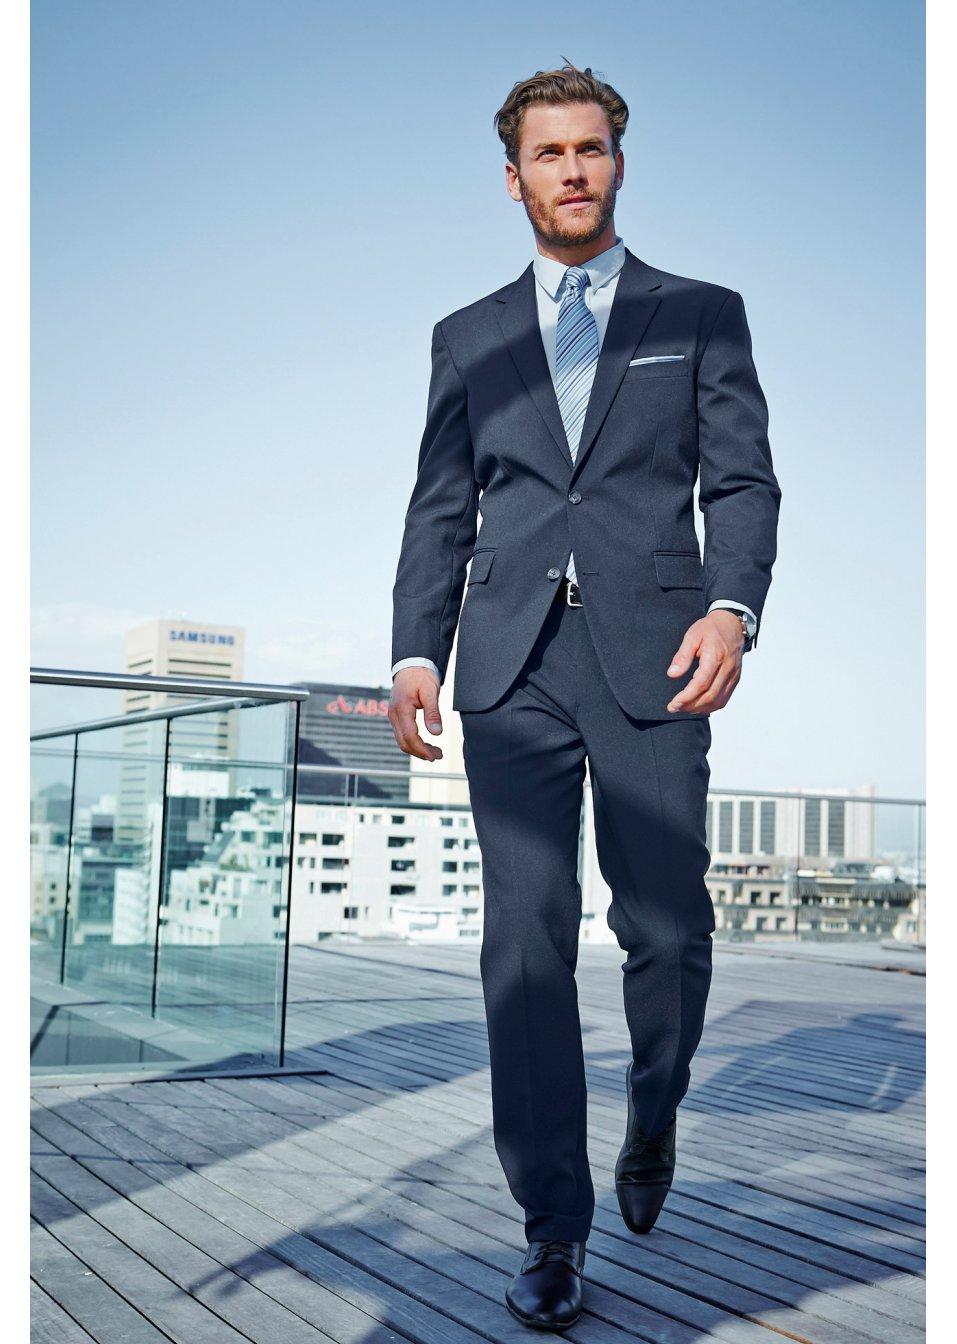 Oblek (2dílná souprava) Regular Fit světle šedá se vzorem - bpc selection  objednat online - bonprix.cz 82d0098c26